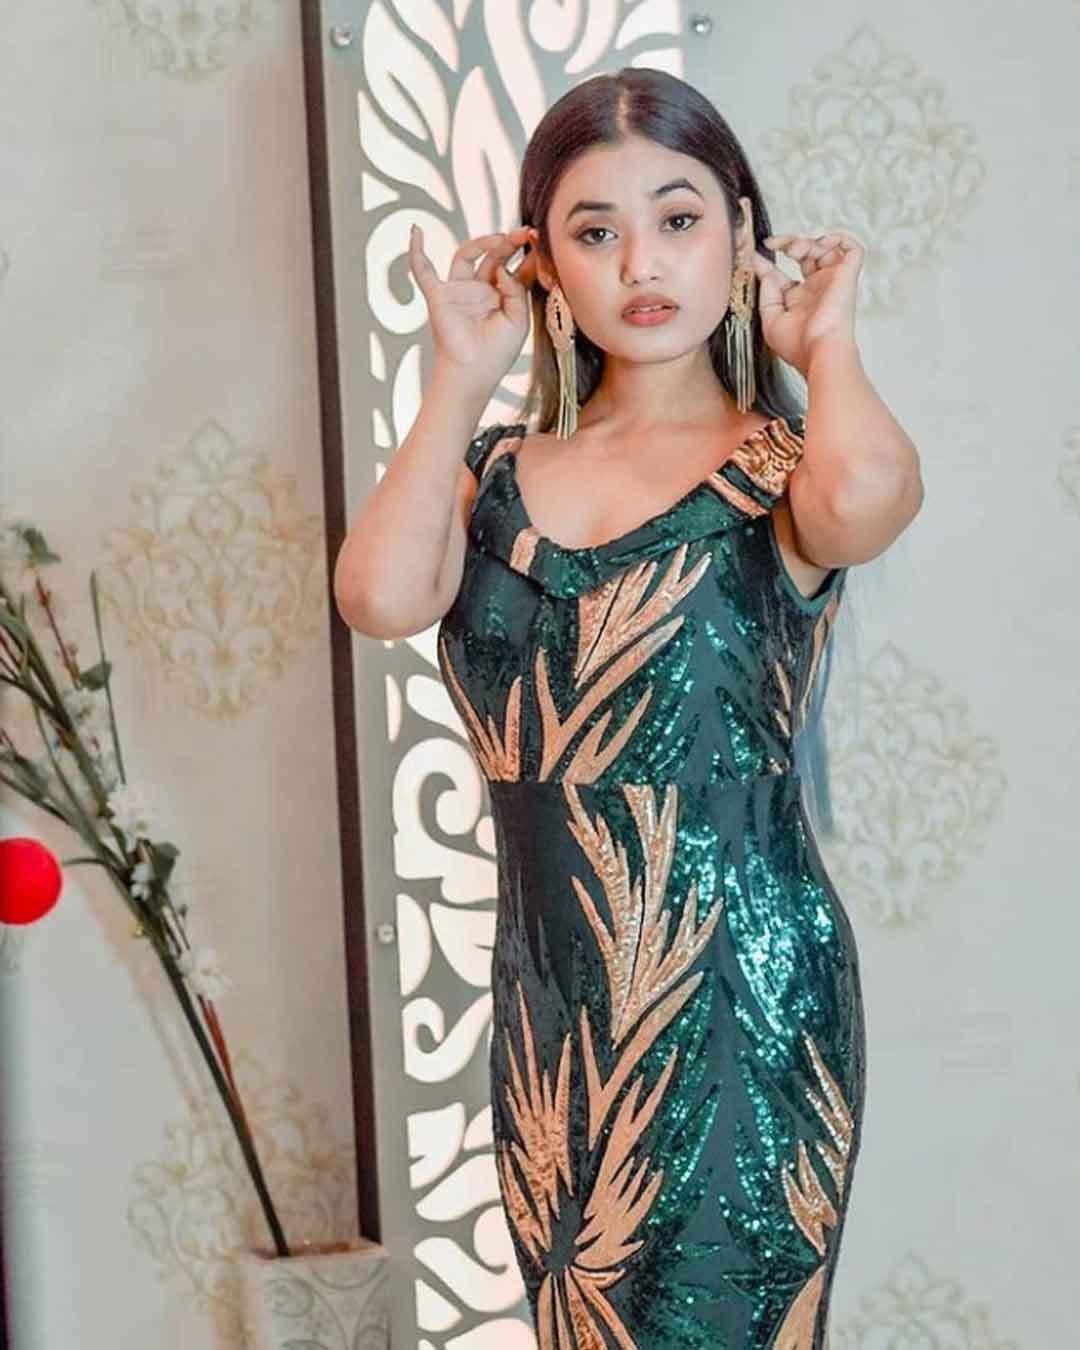 Aisha Kashyap (Moj ID @aishakashyap77)